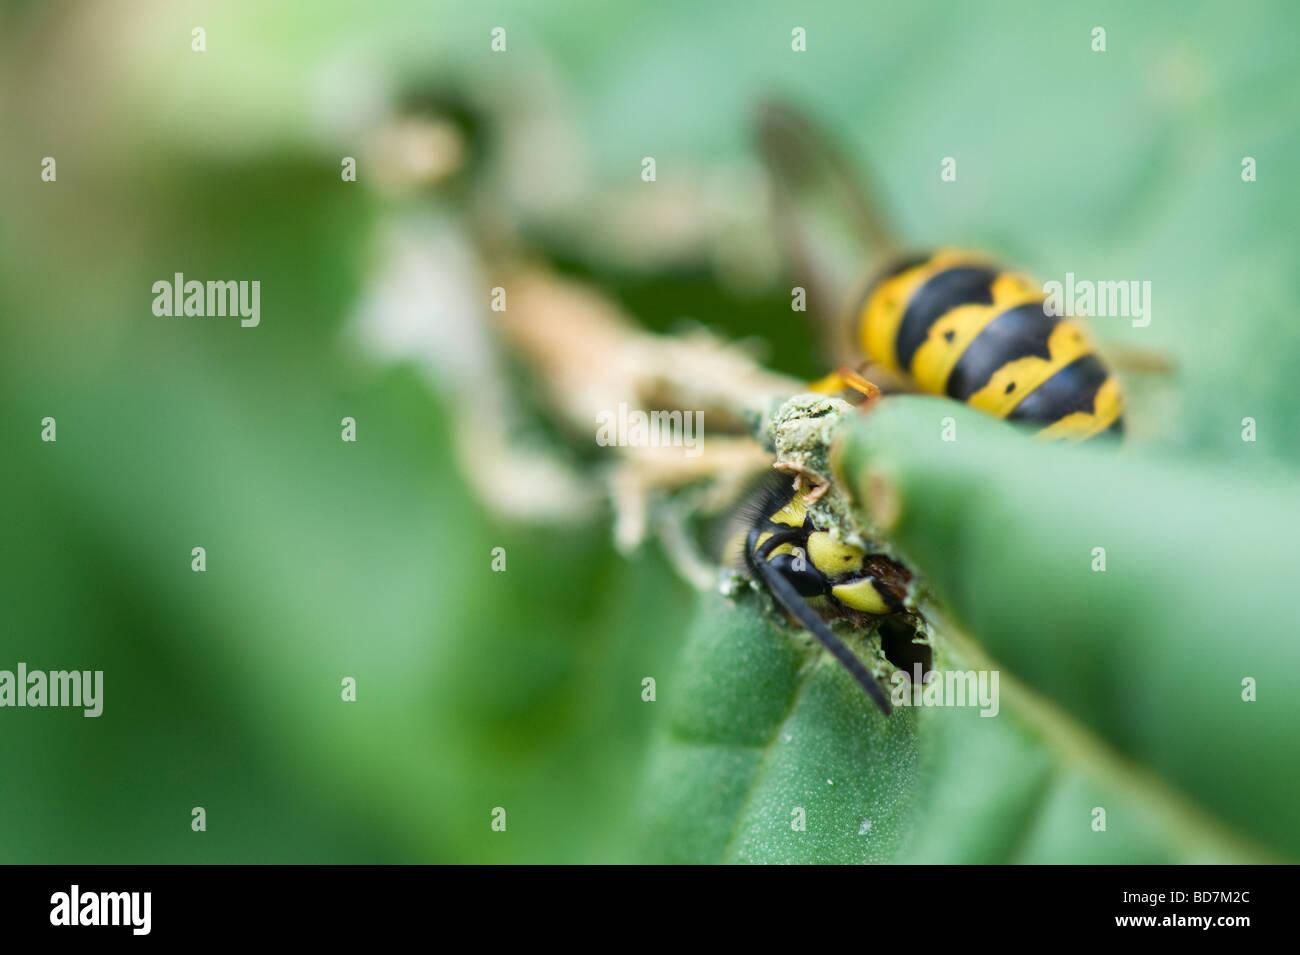 Vespula vulgaris. Wespen essen Rhabarber Blätter in einen Englischen Garten. Sammeln von pflanzlichen Material Stockbild